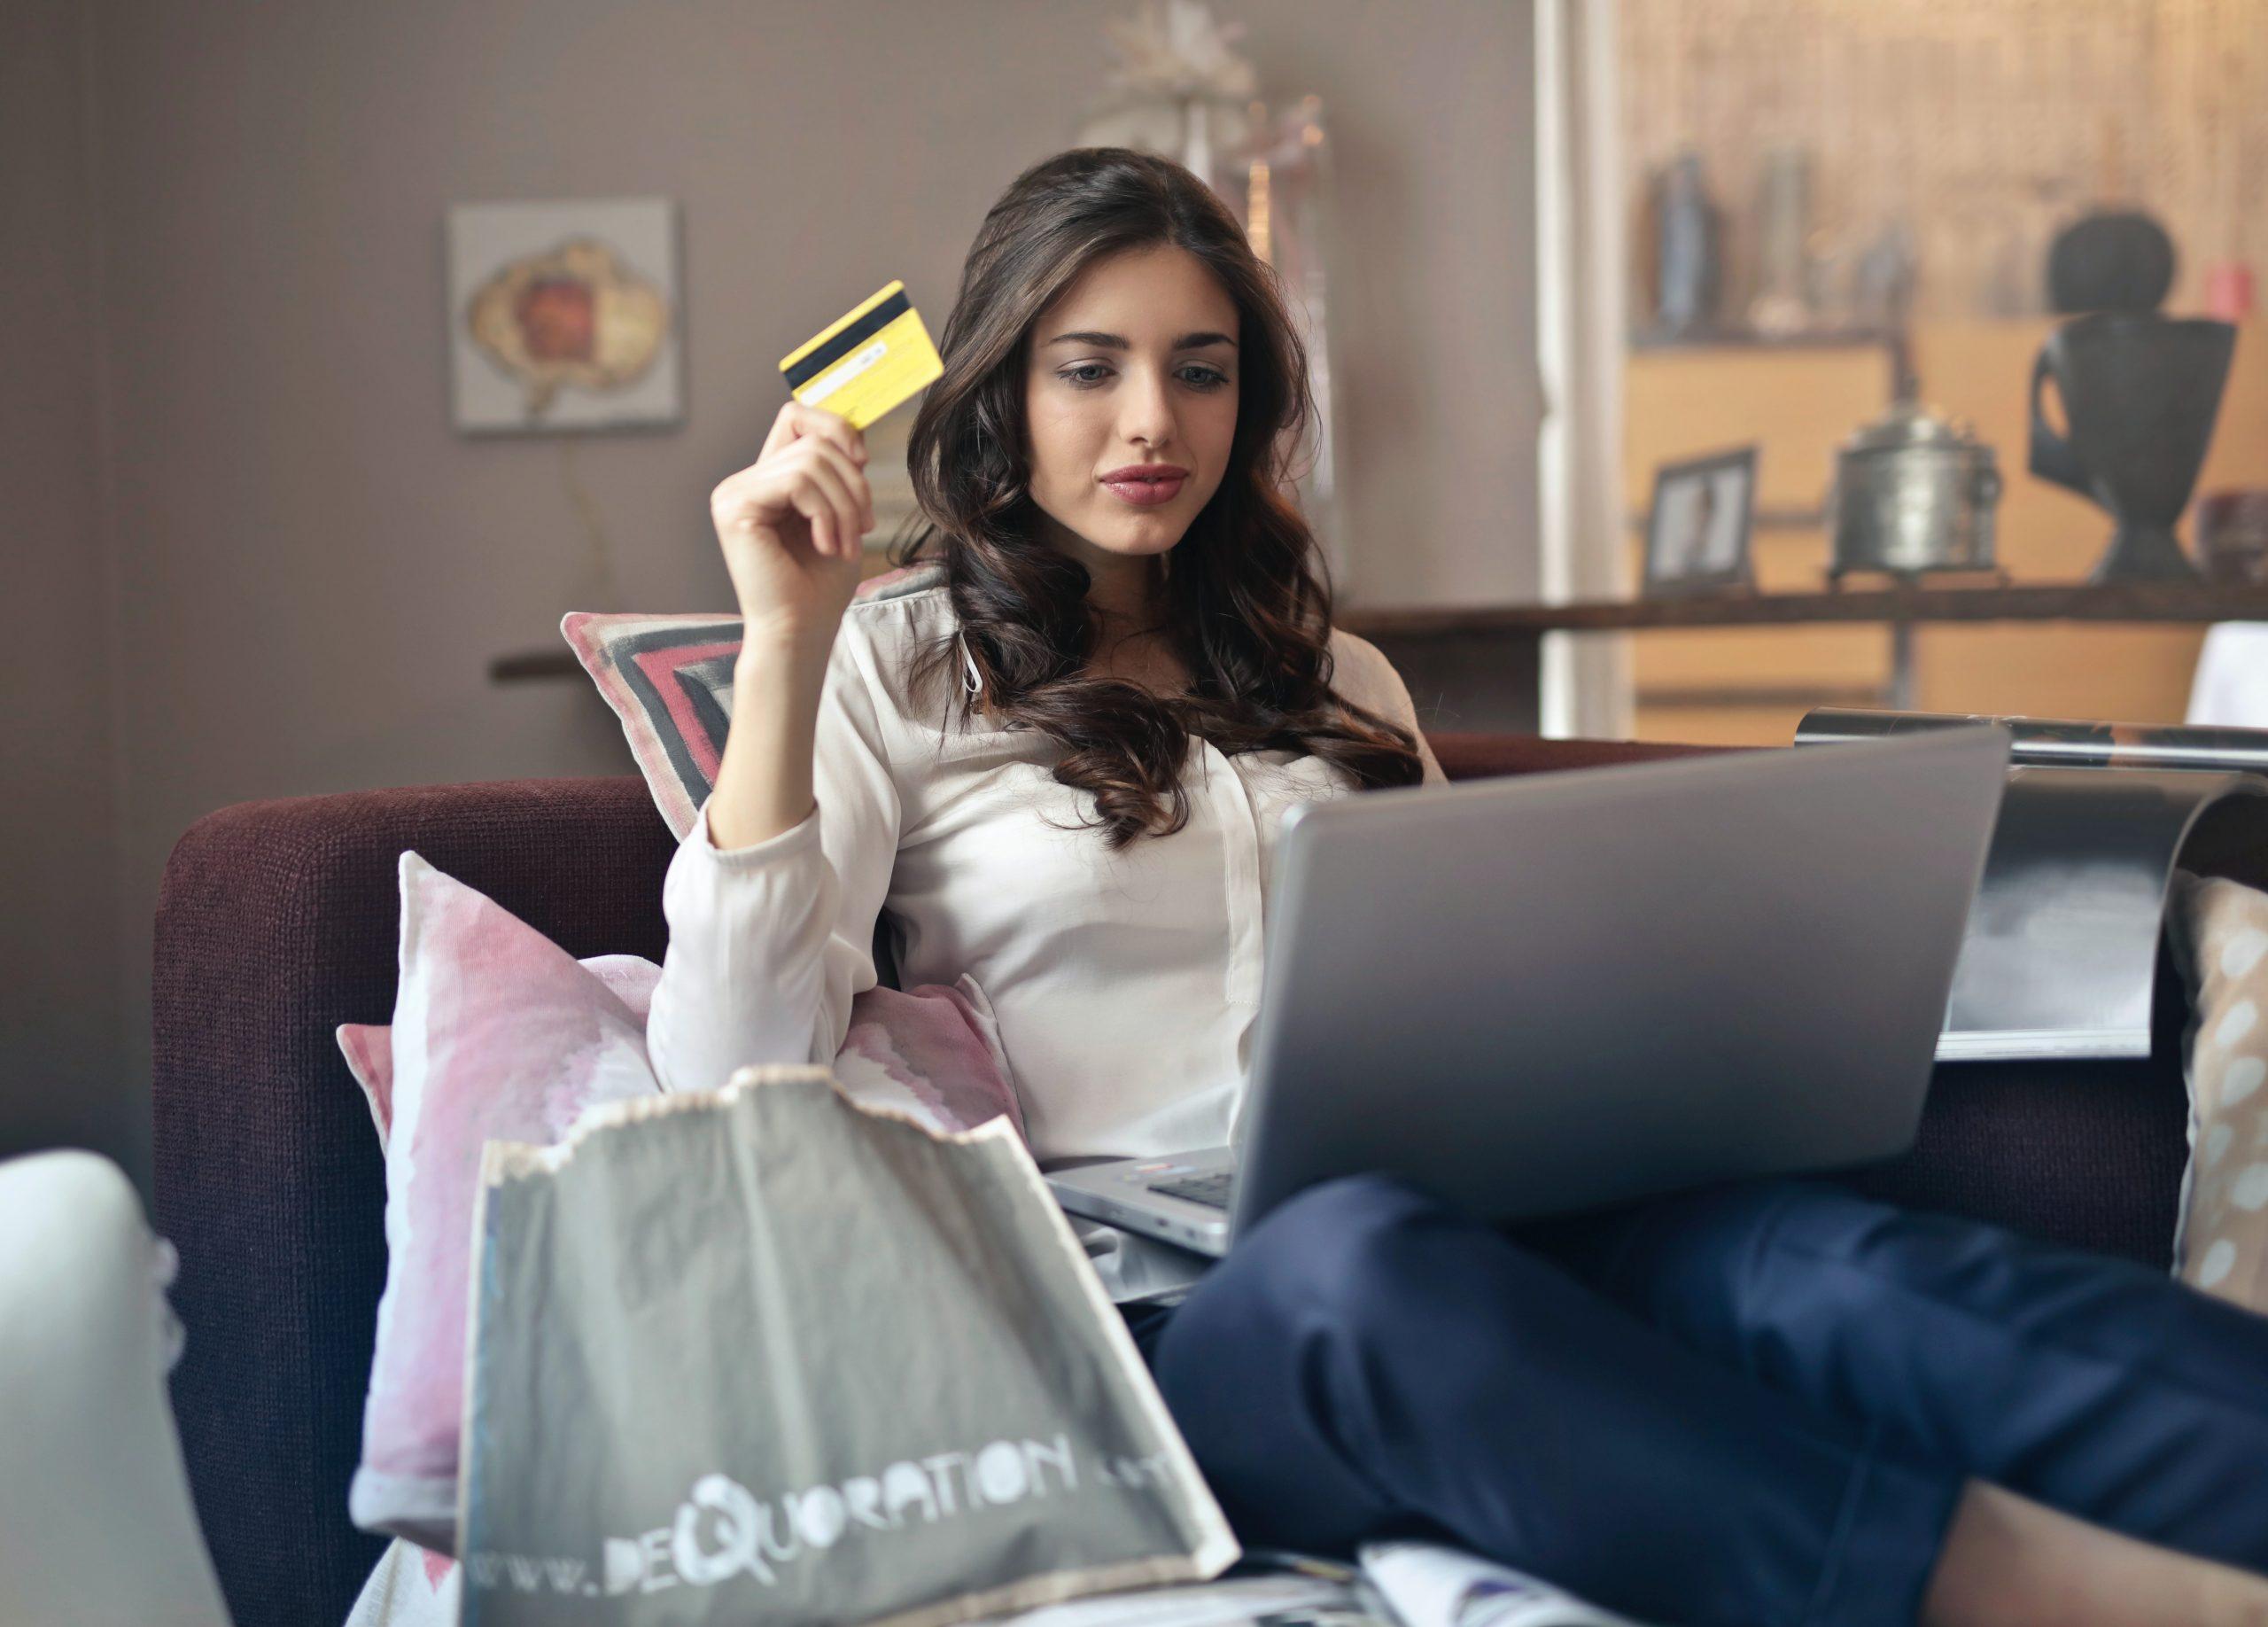 propio e-commerce